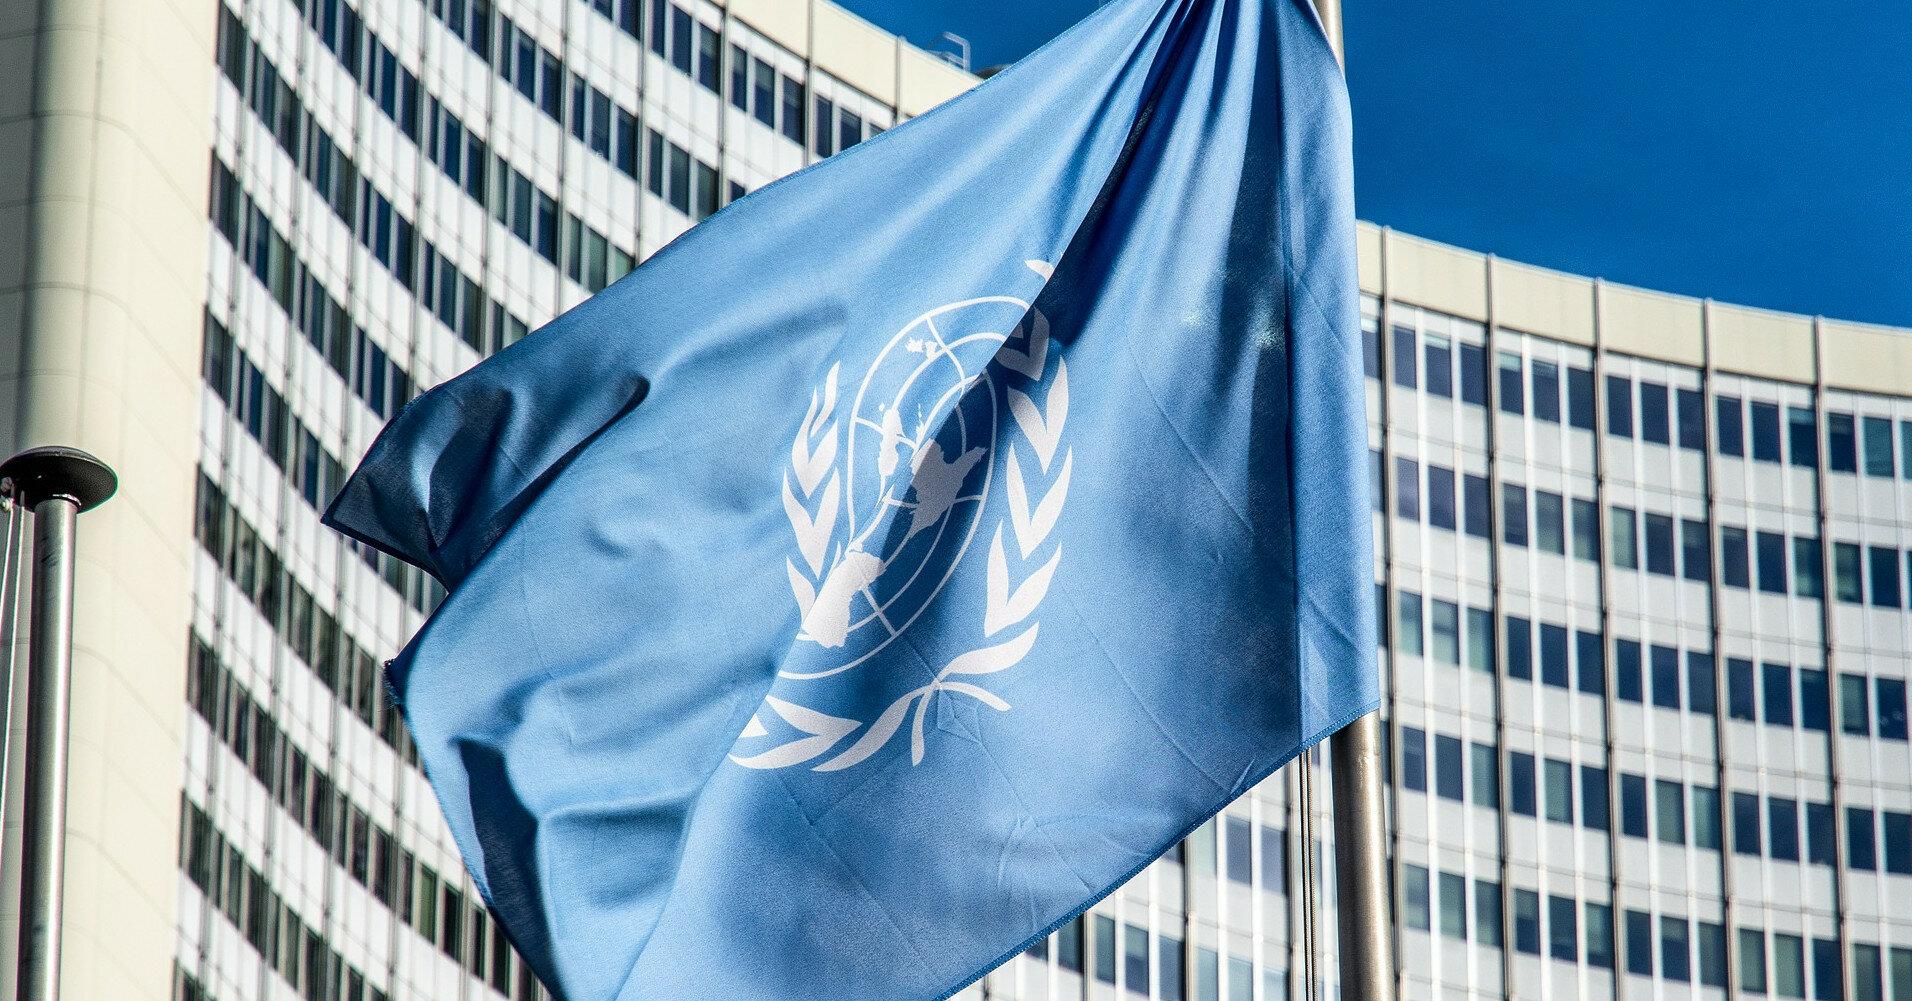 Совбез ООН принял резолюцию по талибам: Китай и РФ воздержались